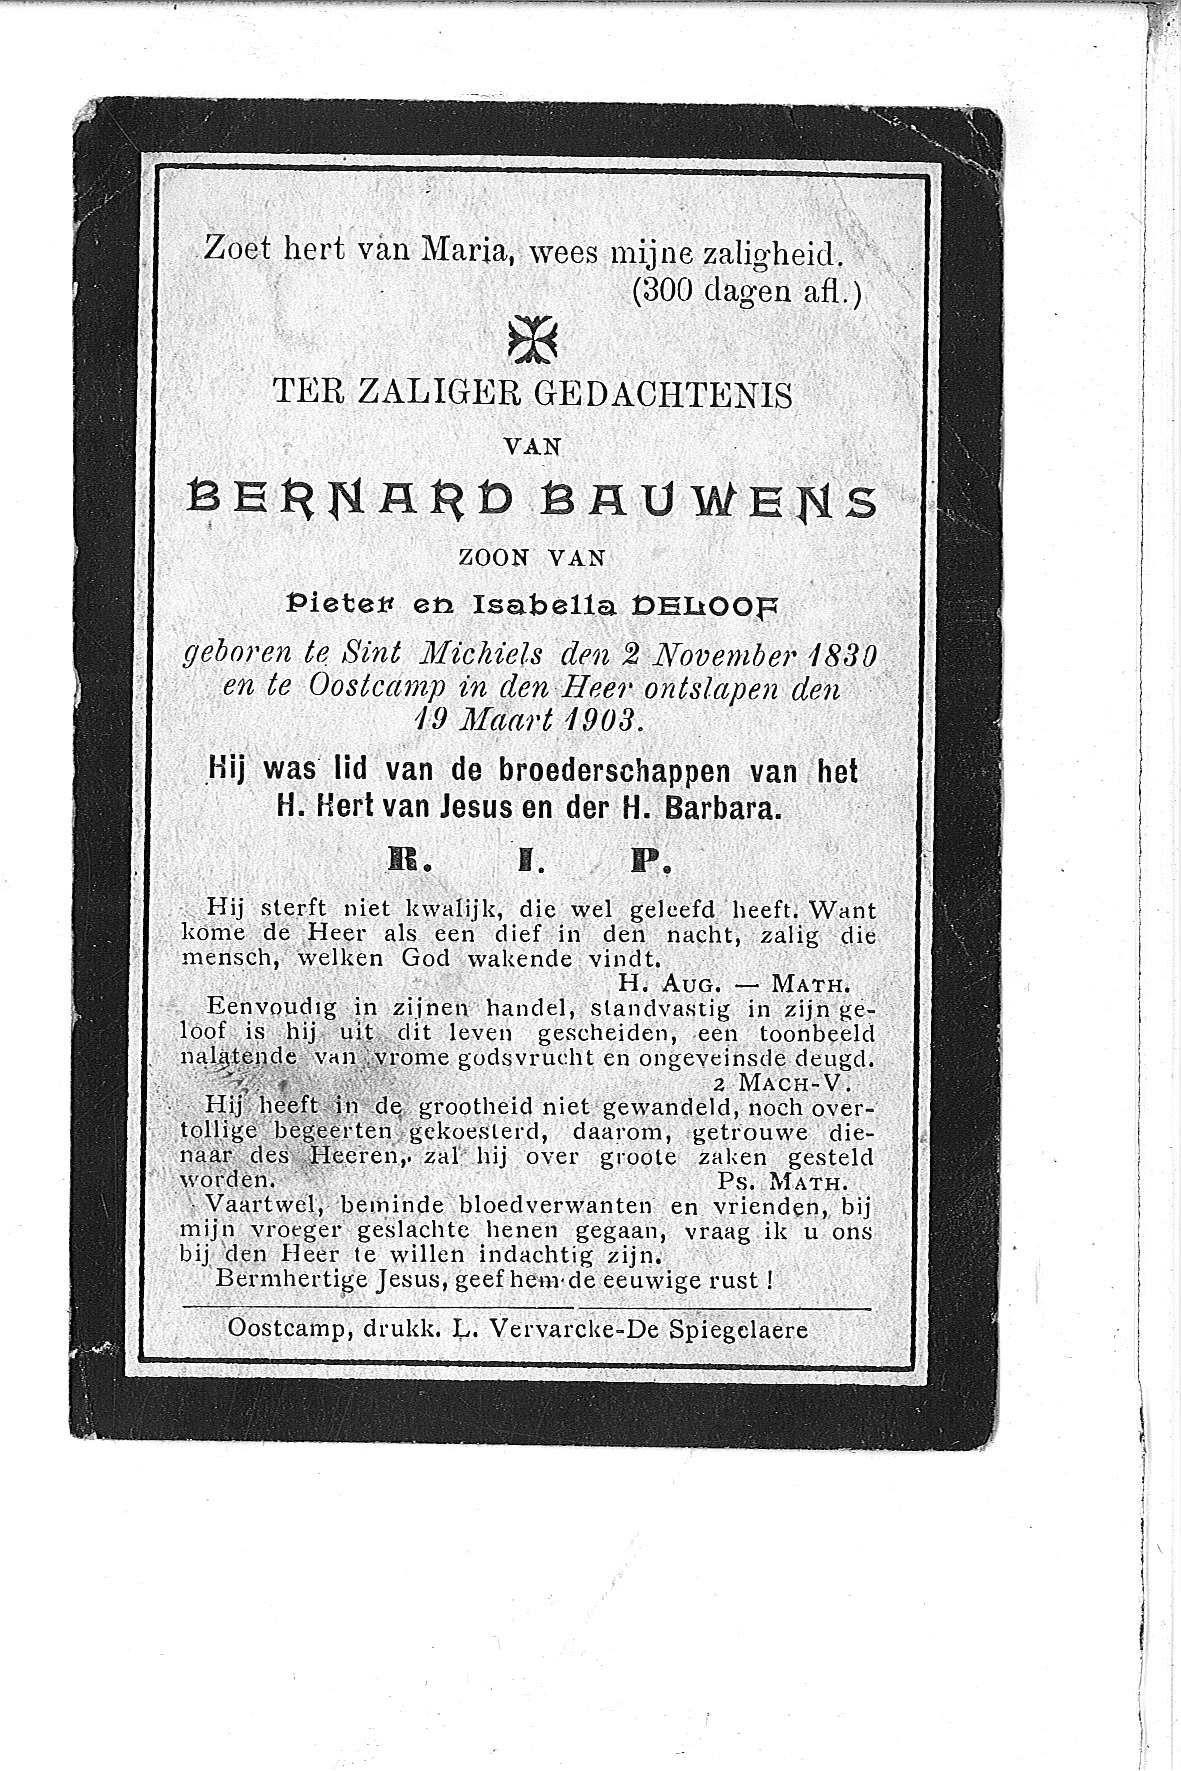 Bernard(1903)20101026093432_00024.jpg